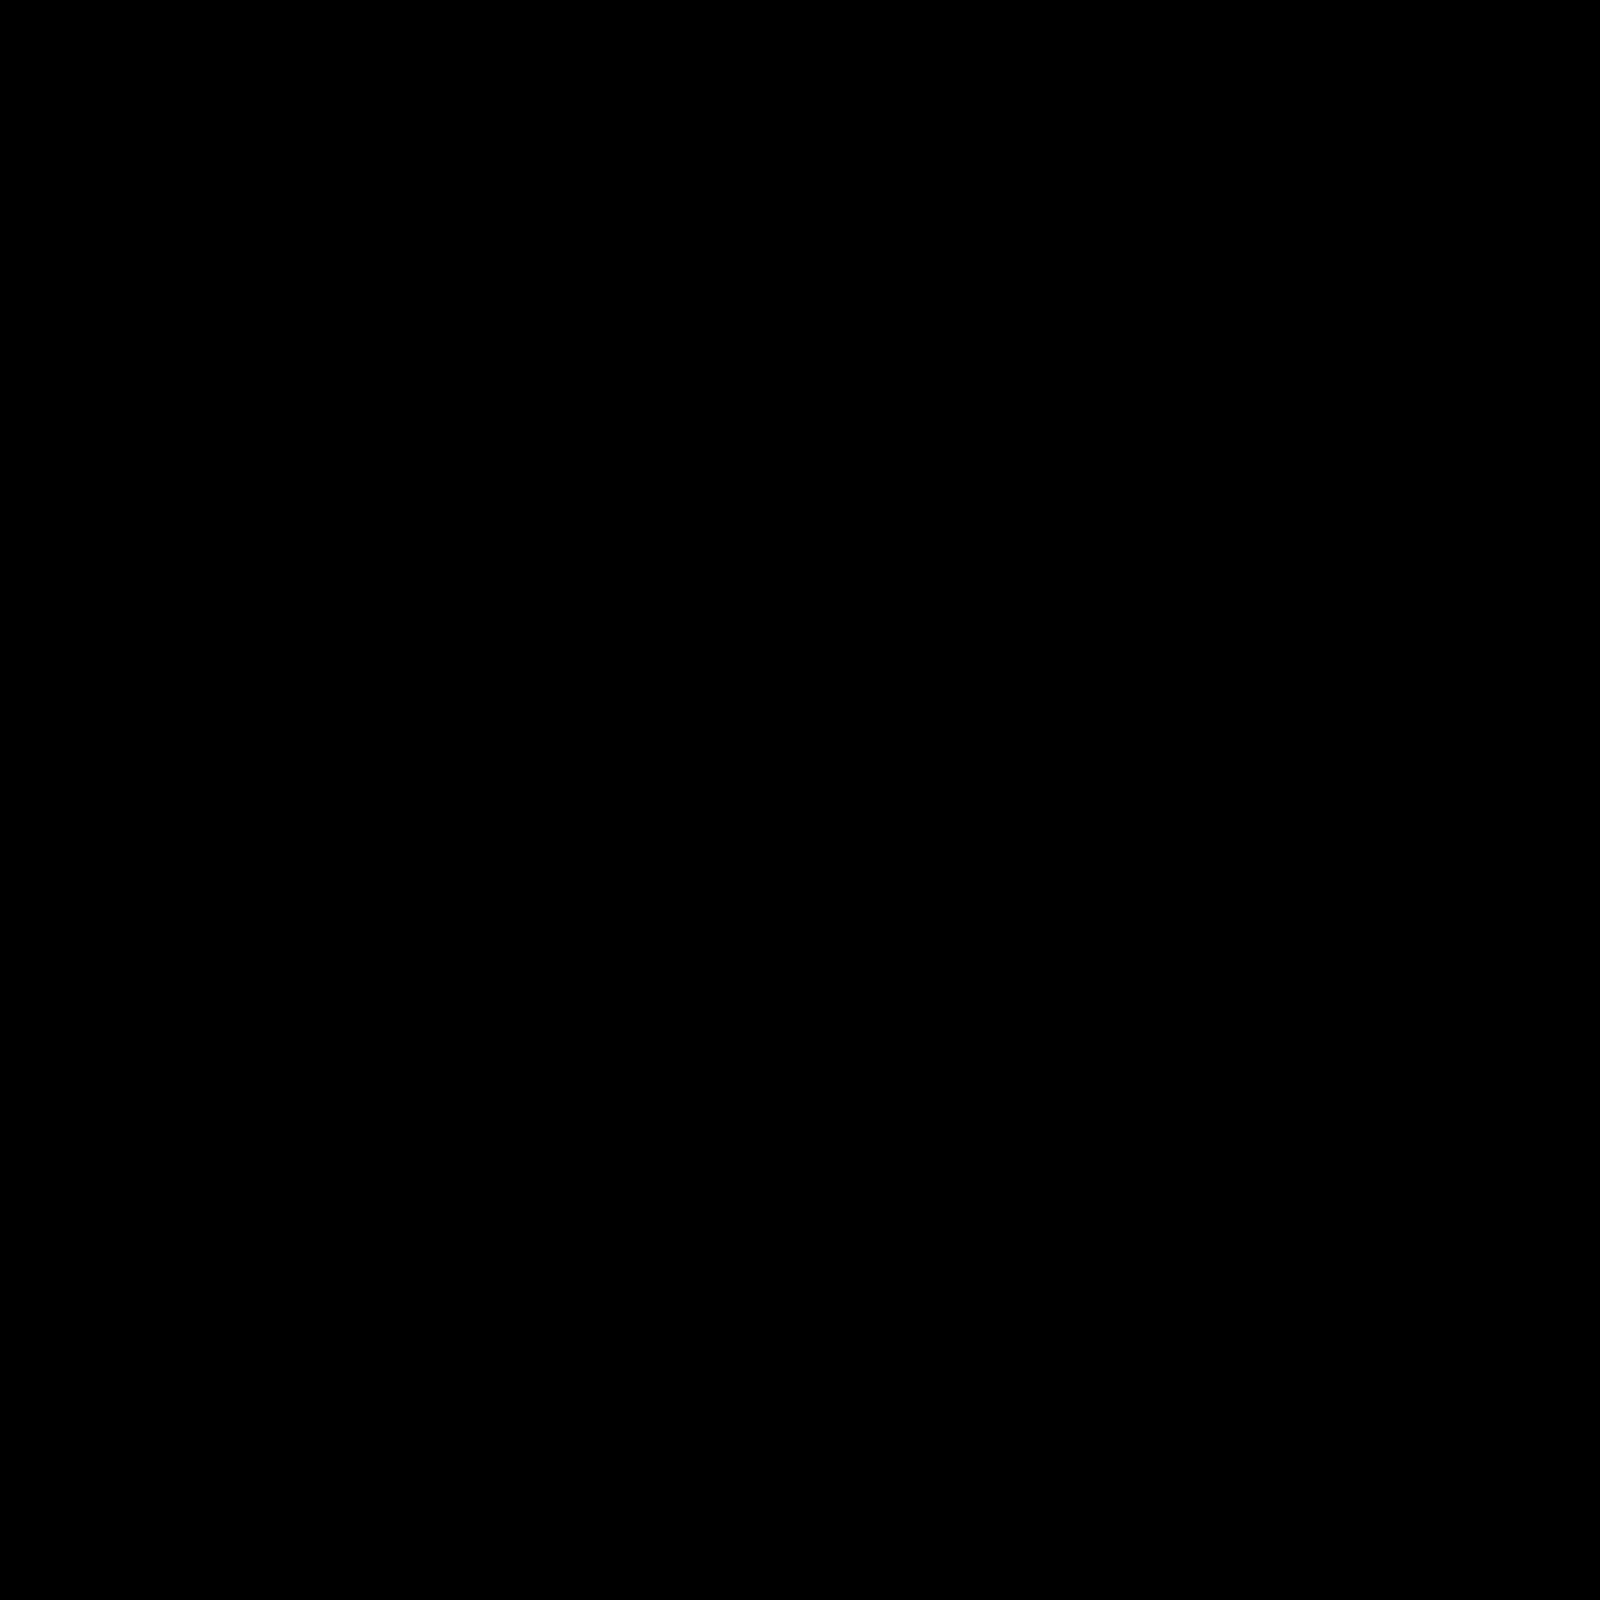 Иконка Доля 3 - скачать бесплатно в PNG и векторе a6194ef653b